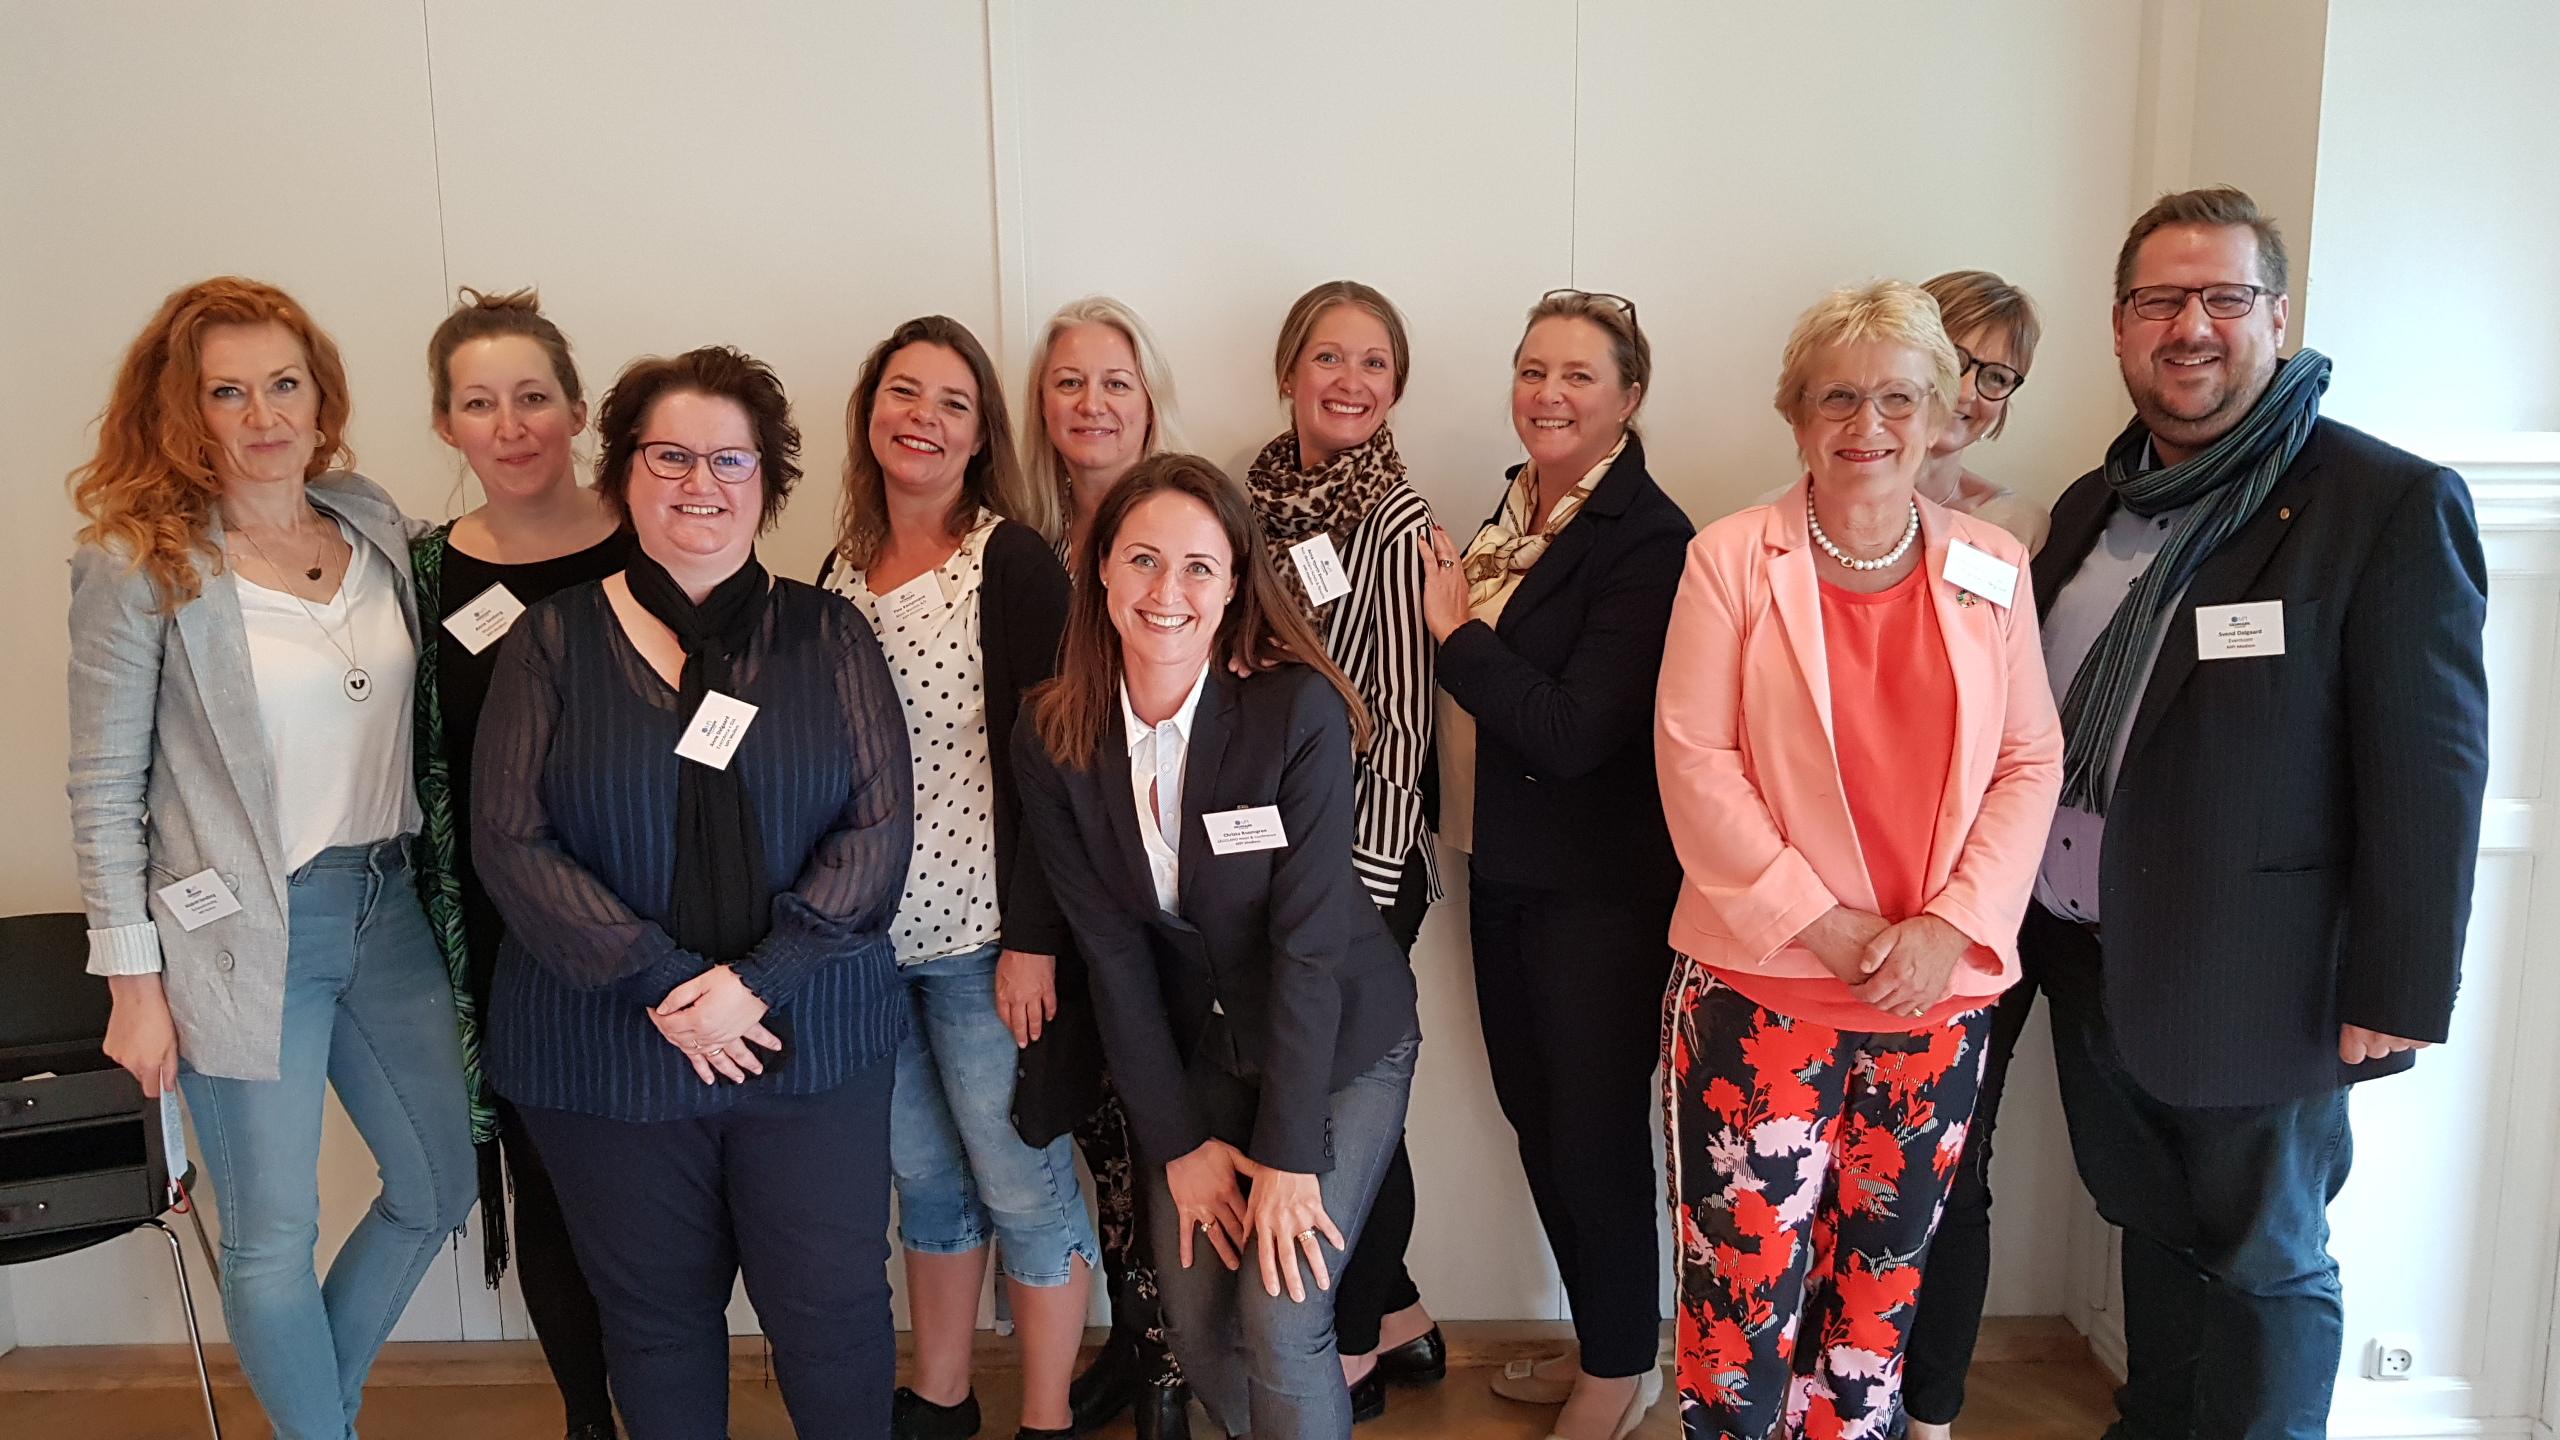 MPI Scandinavia bestyrelse 2019-20